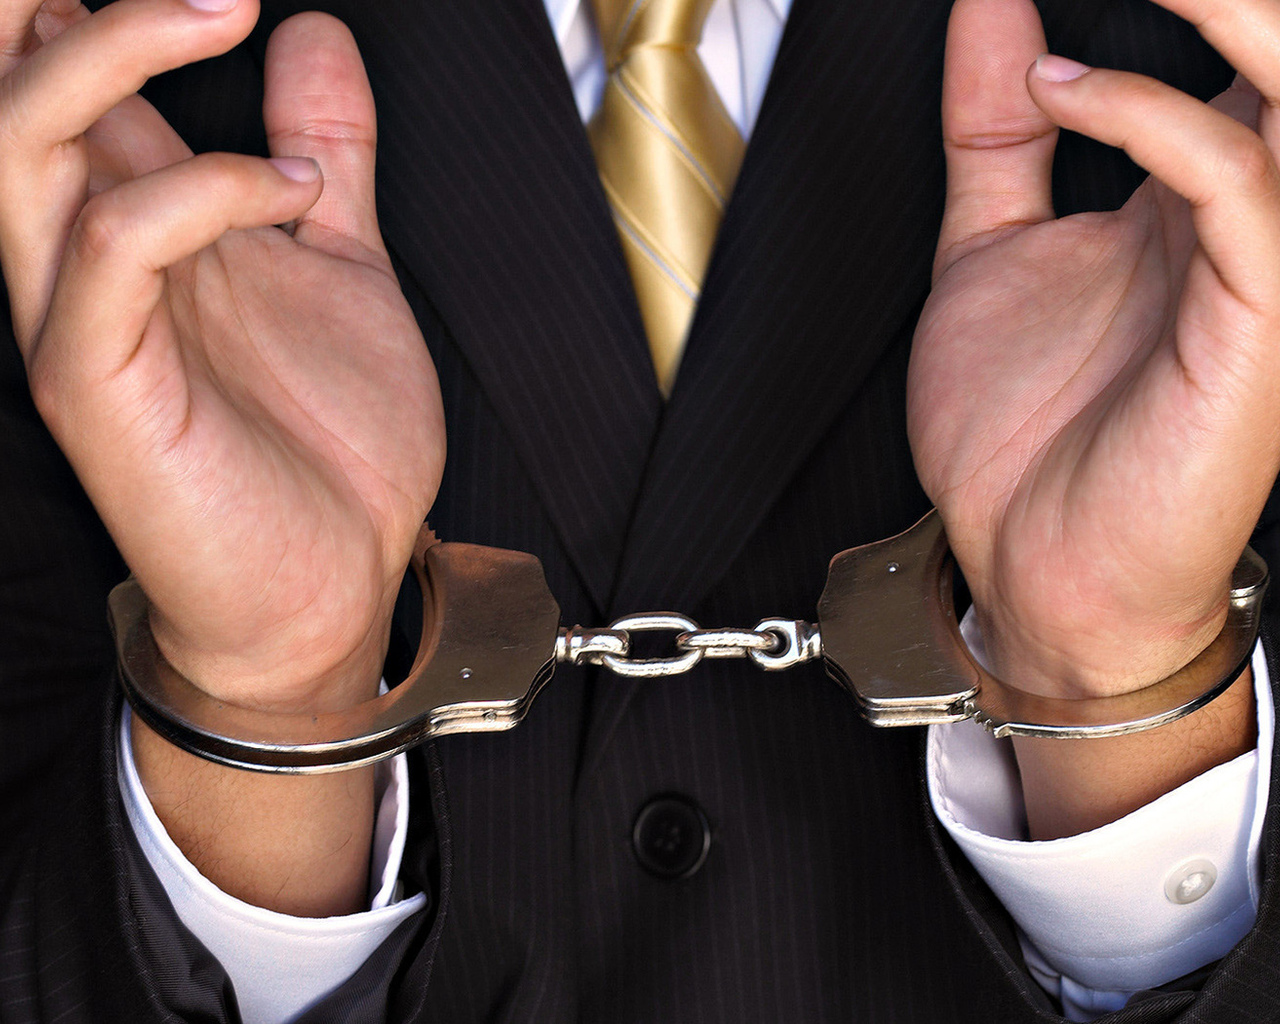 Раб в наручниках 2 фотография